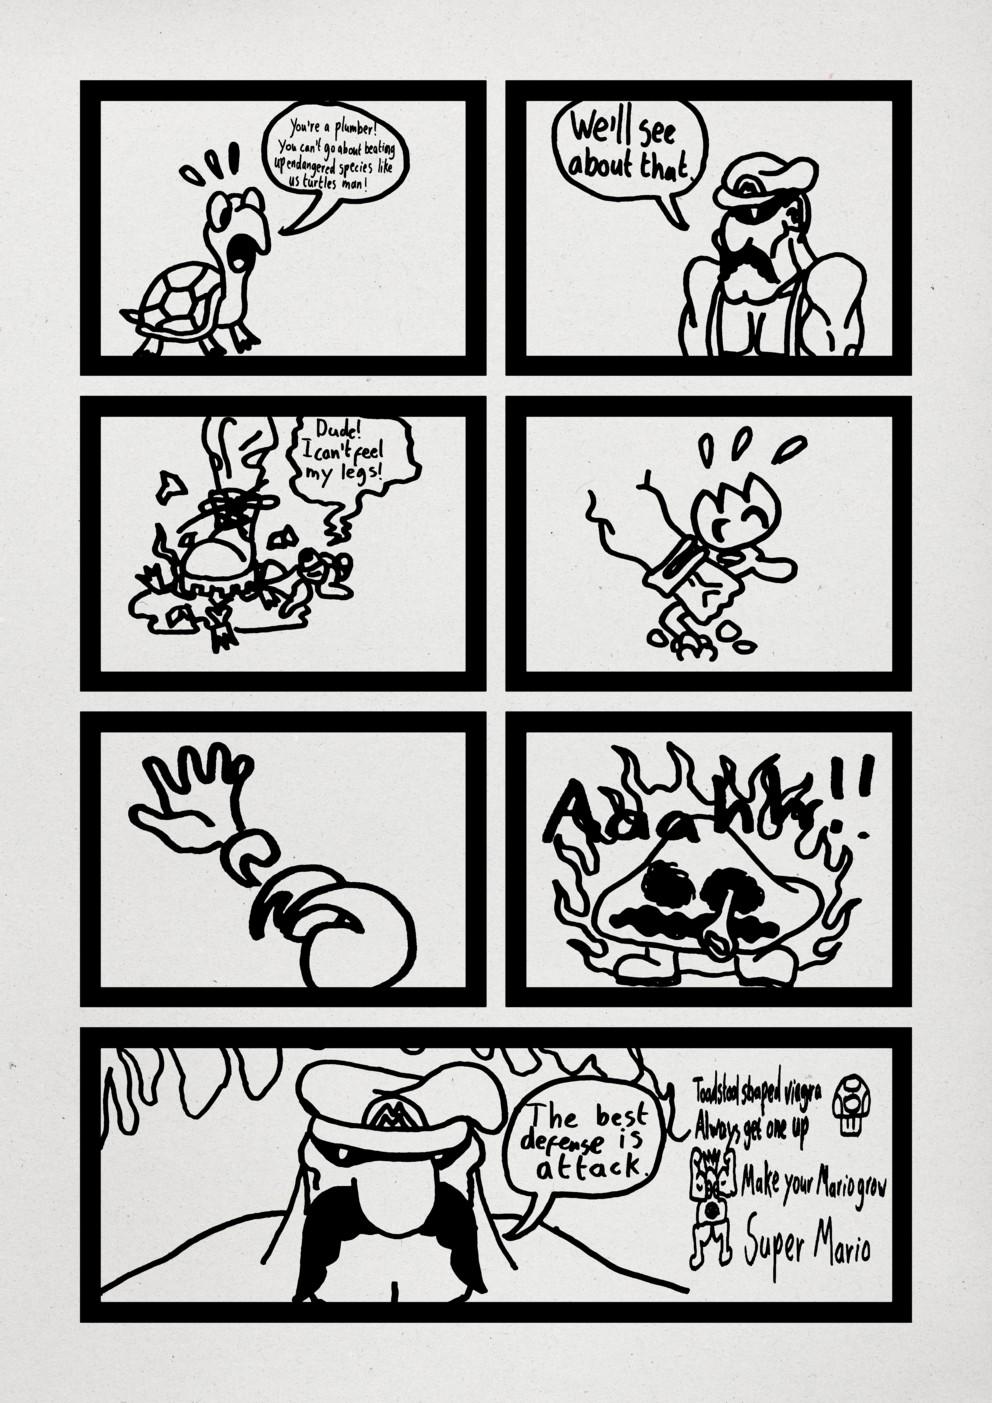 Mario the Italian Stallion pt2